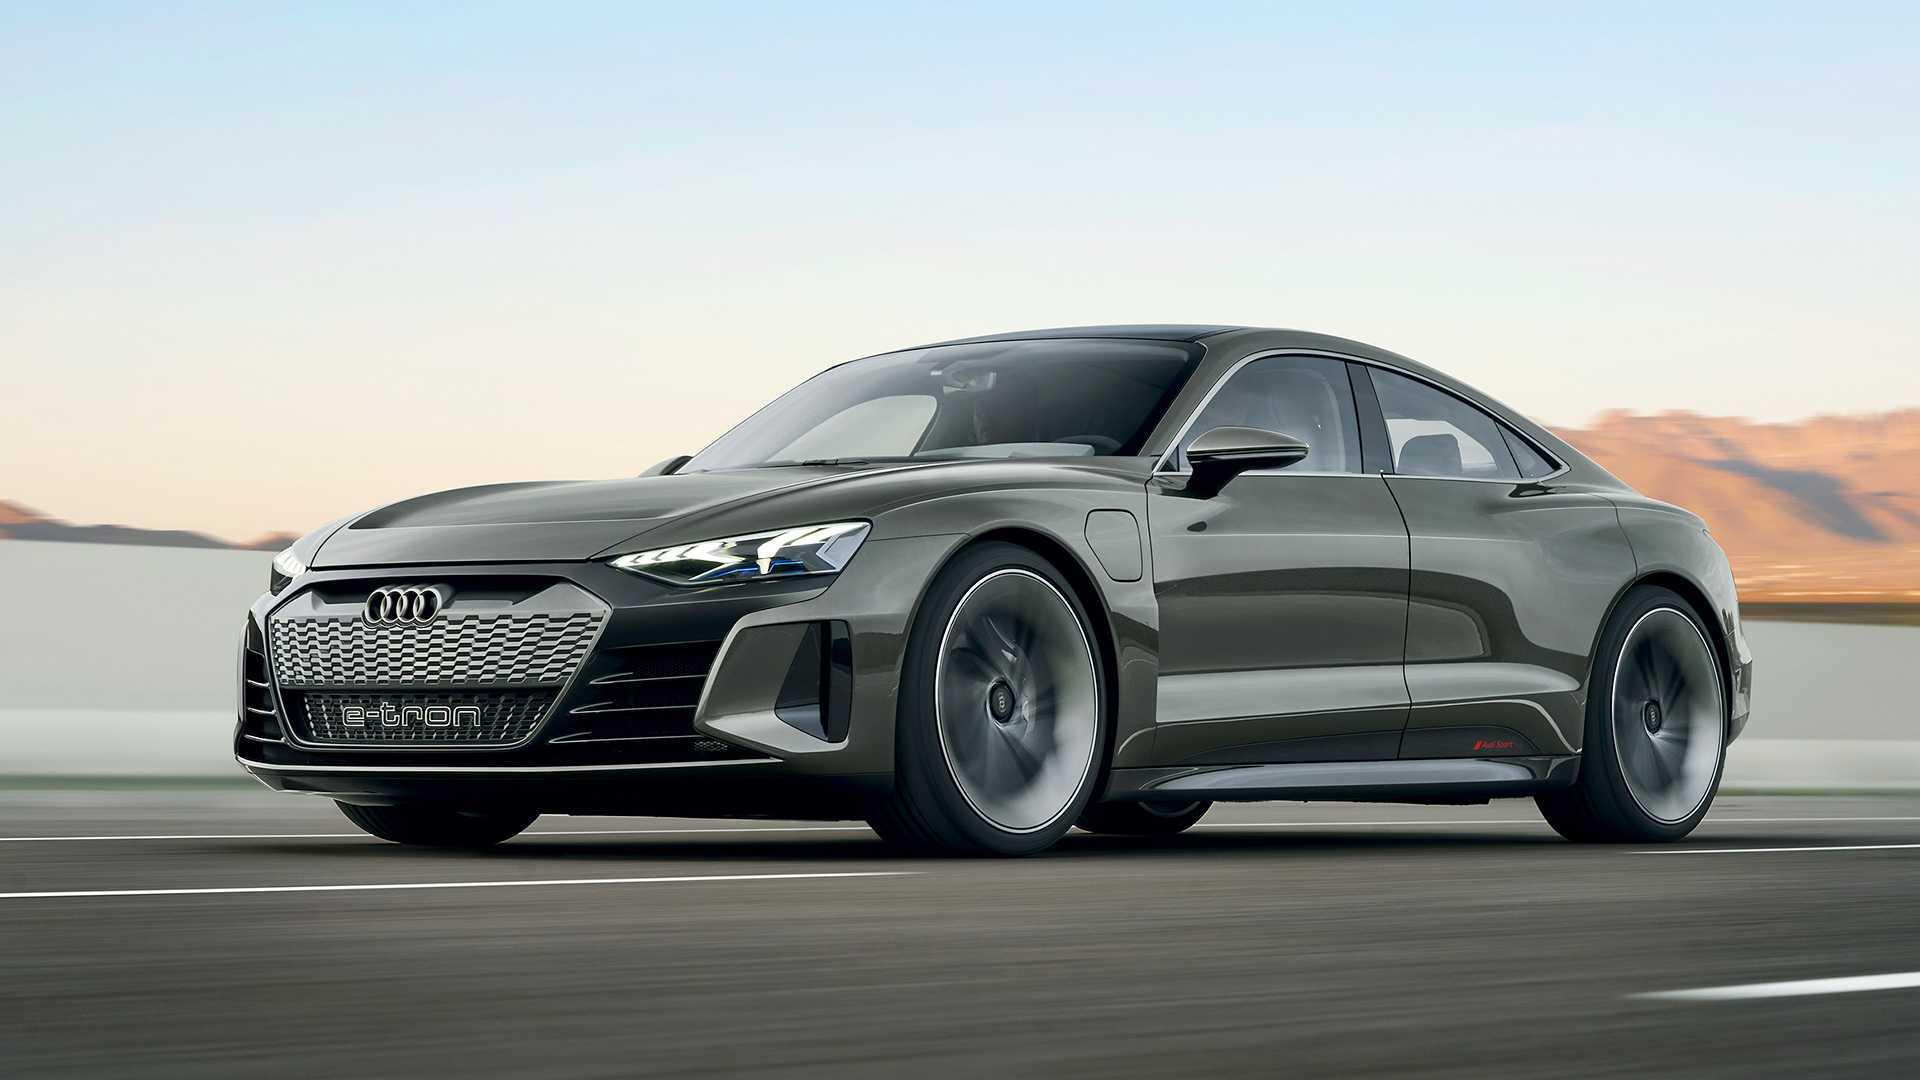 Audi возьмёт курс на тотальную электрификацию моделей Новости